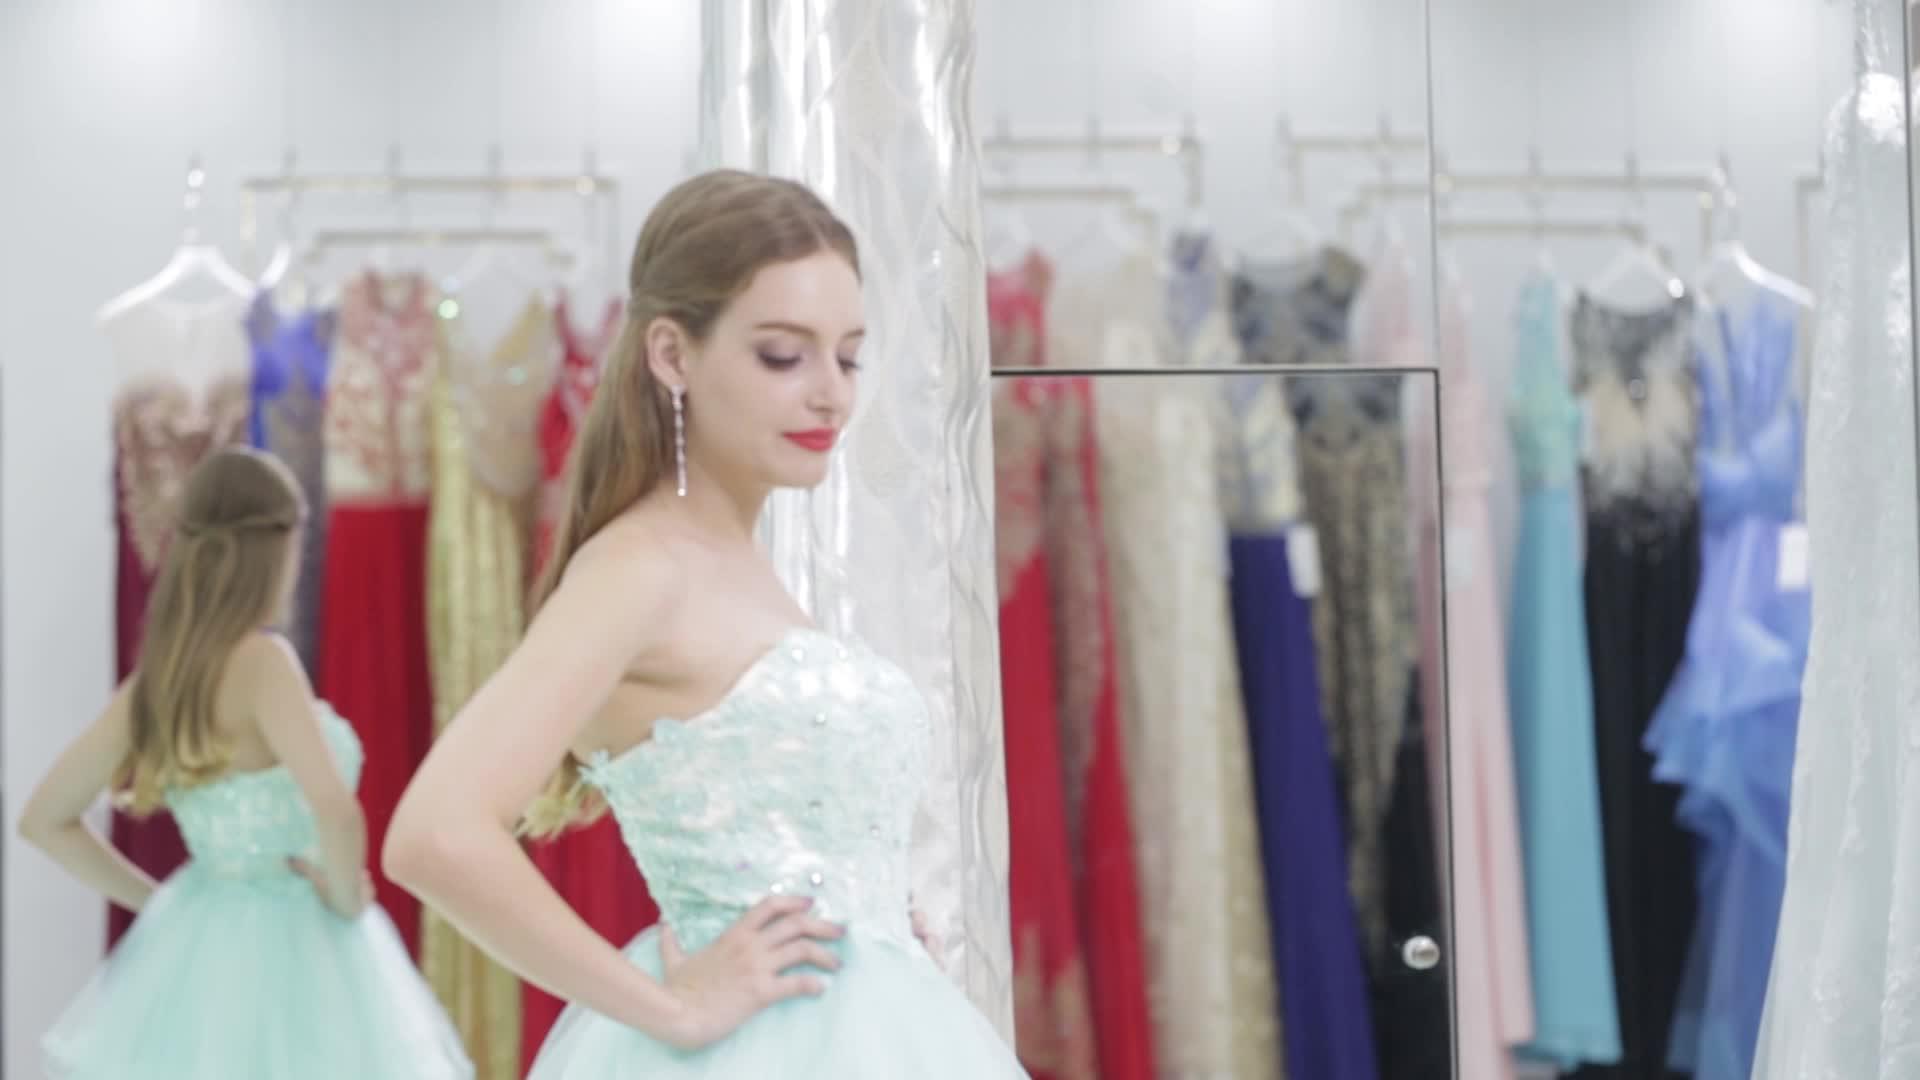 Corée style encolure appliqued pleine longueur robe de mariage 2018 robes de mariée